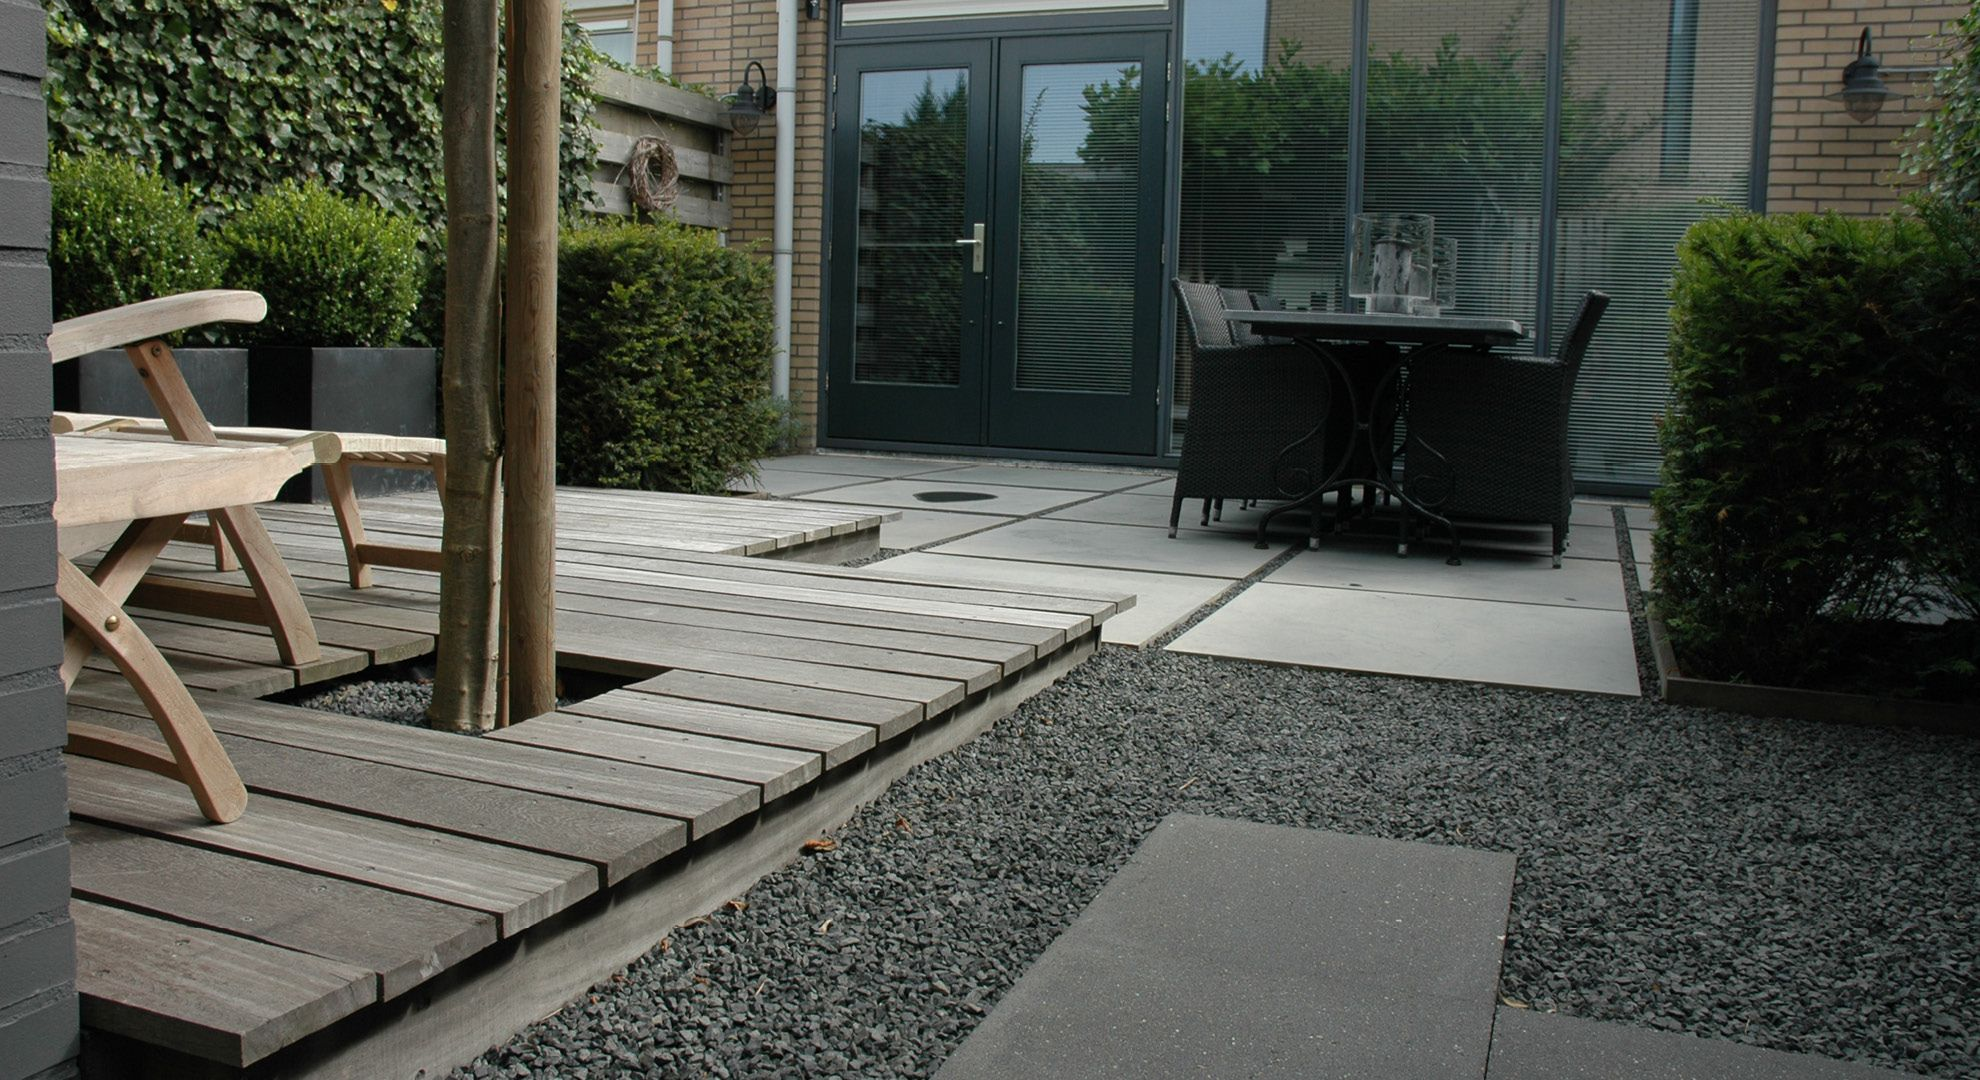 Vlonder In Tuin : Rodenburg tuinen moderne achtertuin met vlonder deze kleine